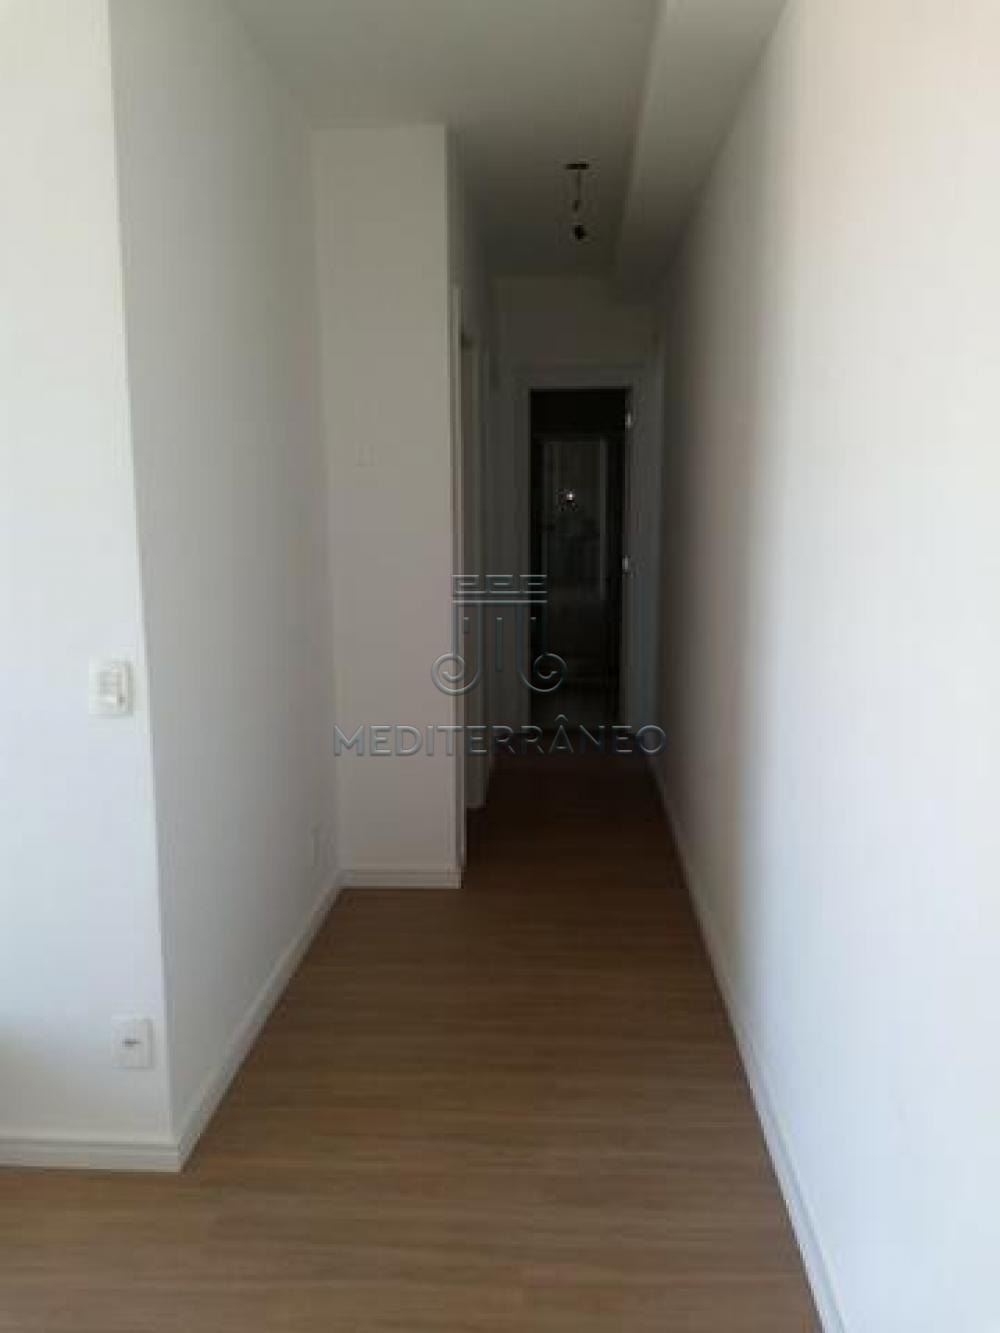 Alugar Apartamento / Padrão em Jundiaí apenas R$ 1.550,00 - Foto 3